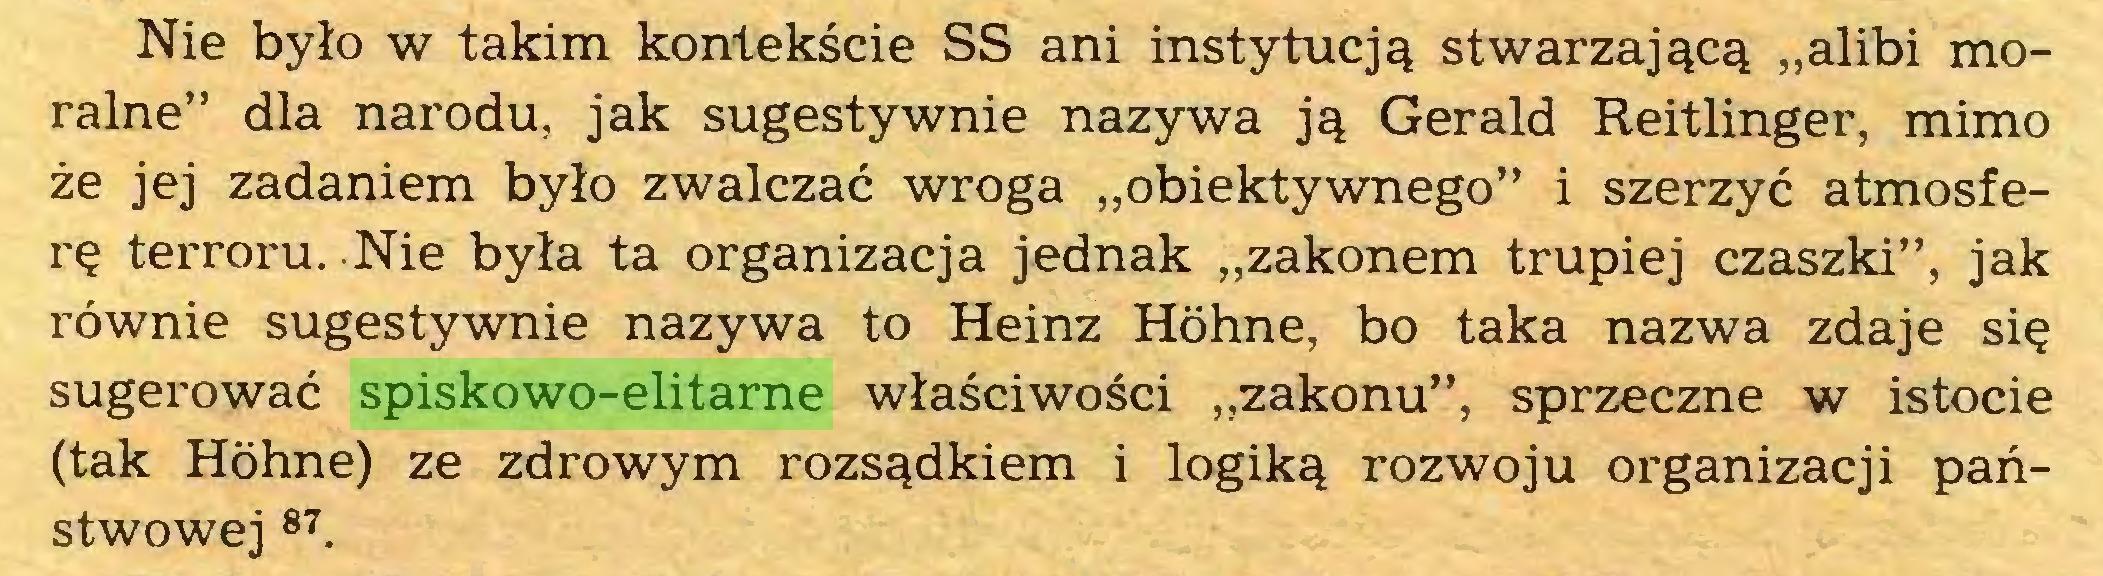 """(...) Nie bylo w takim kontekscie SS ani instytuej^ stwarzaj^c^ """"alibi moraine"""" dla narodu, jak sugestywnie nazywa j^ Gerald Reitlinger, mimo ze jej zadaniem bylo zwalczac wroga """"obiektywnego"""" i szerzyc atmosfere terroru. Nie byla ta organizaeja jednak ,,zakonem trupiej czaszki"""", jak röwnie sugestywnie nazywa to Heinz Höhne, bo taka nazwa zdaje sie sugerowac spiskowo-elitarne wlasciwosci """"zakonu"""", sprzeczne w istocie (tak Höhne) ze zdrowym rozs^dkiem i logik^ rozwoju organizaeji panstwowej 87..."""